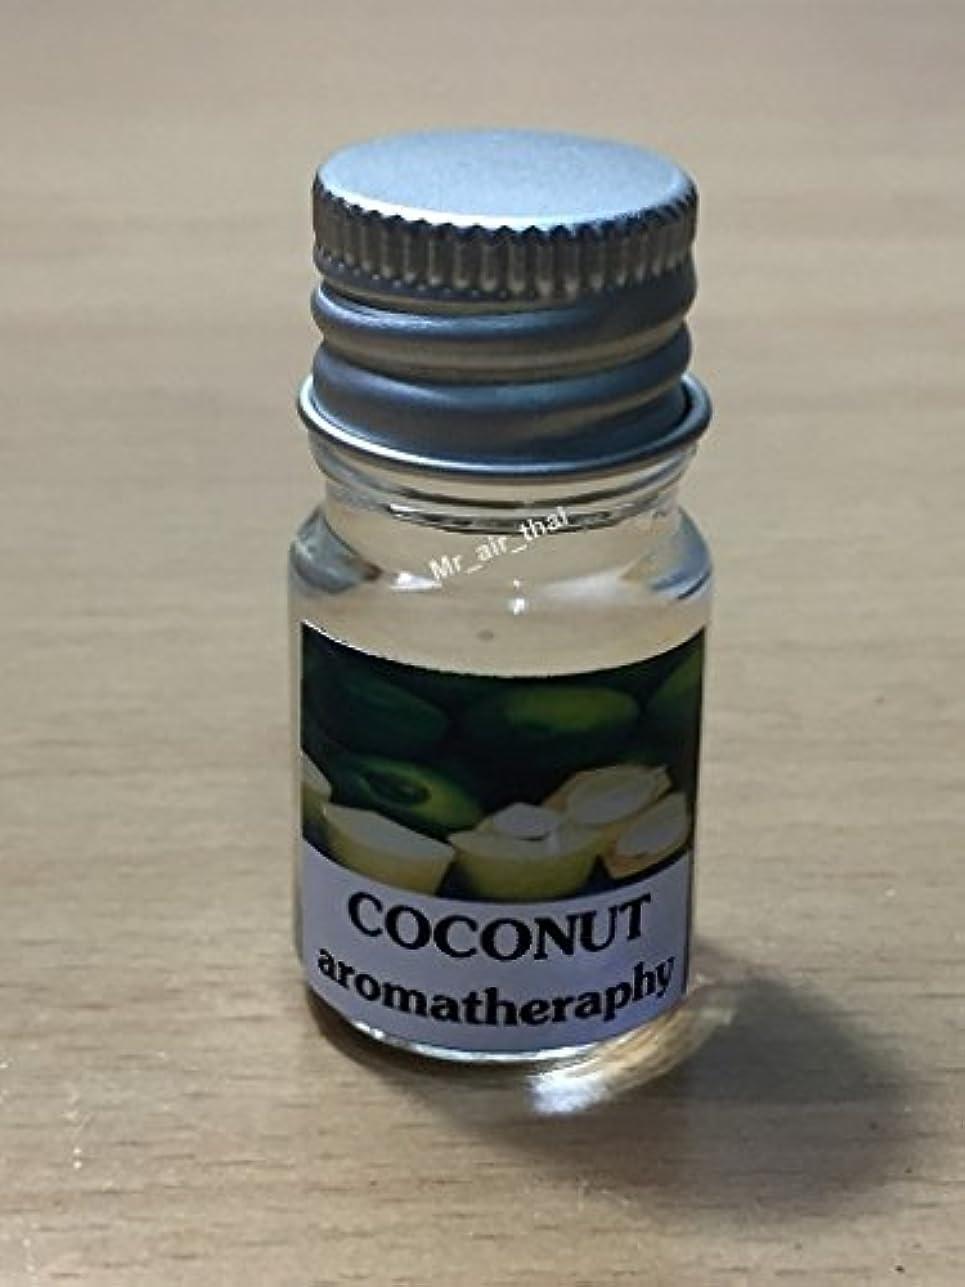 熟考する知的終わった5ミリリットルアロマココナッツフランクインセンスエッセンシャルオイルボトルアロマテラピーオイル自然自然5ml Aroma Coconut Frankincense Essential Oil Bottles Aromatherapy...